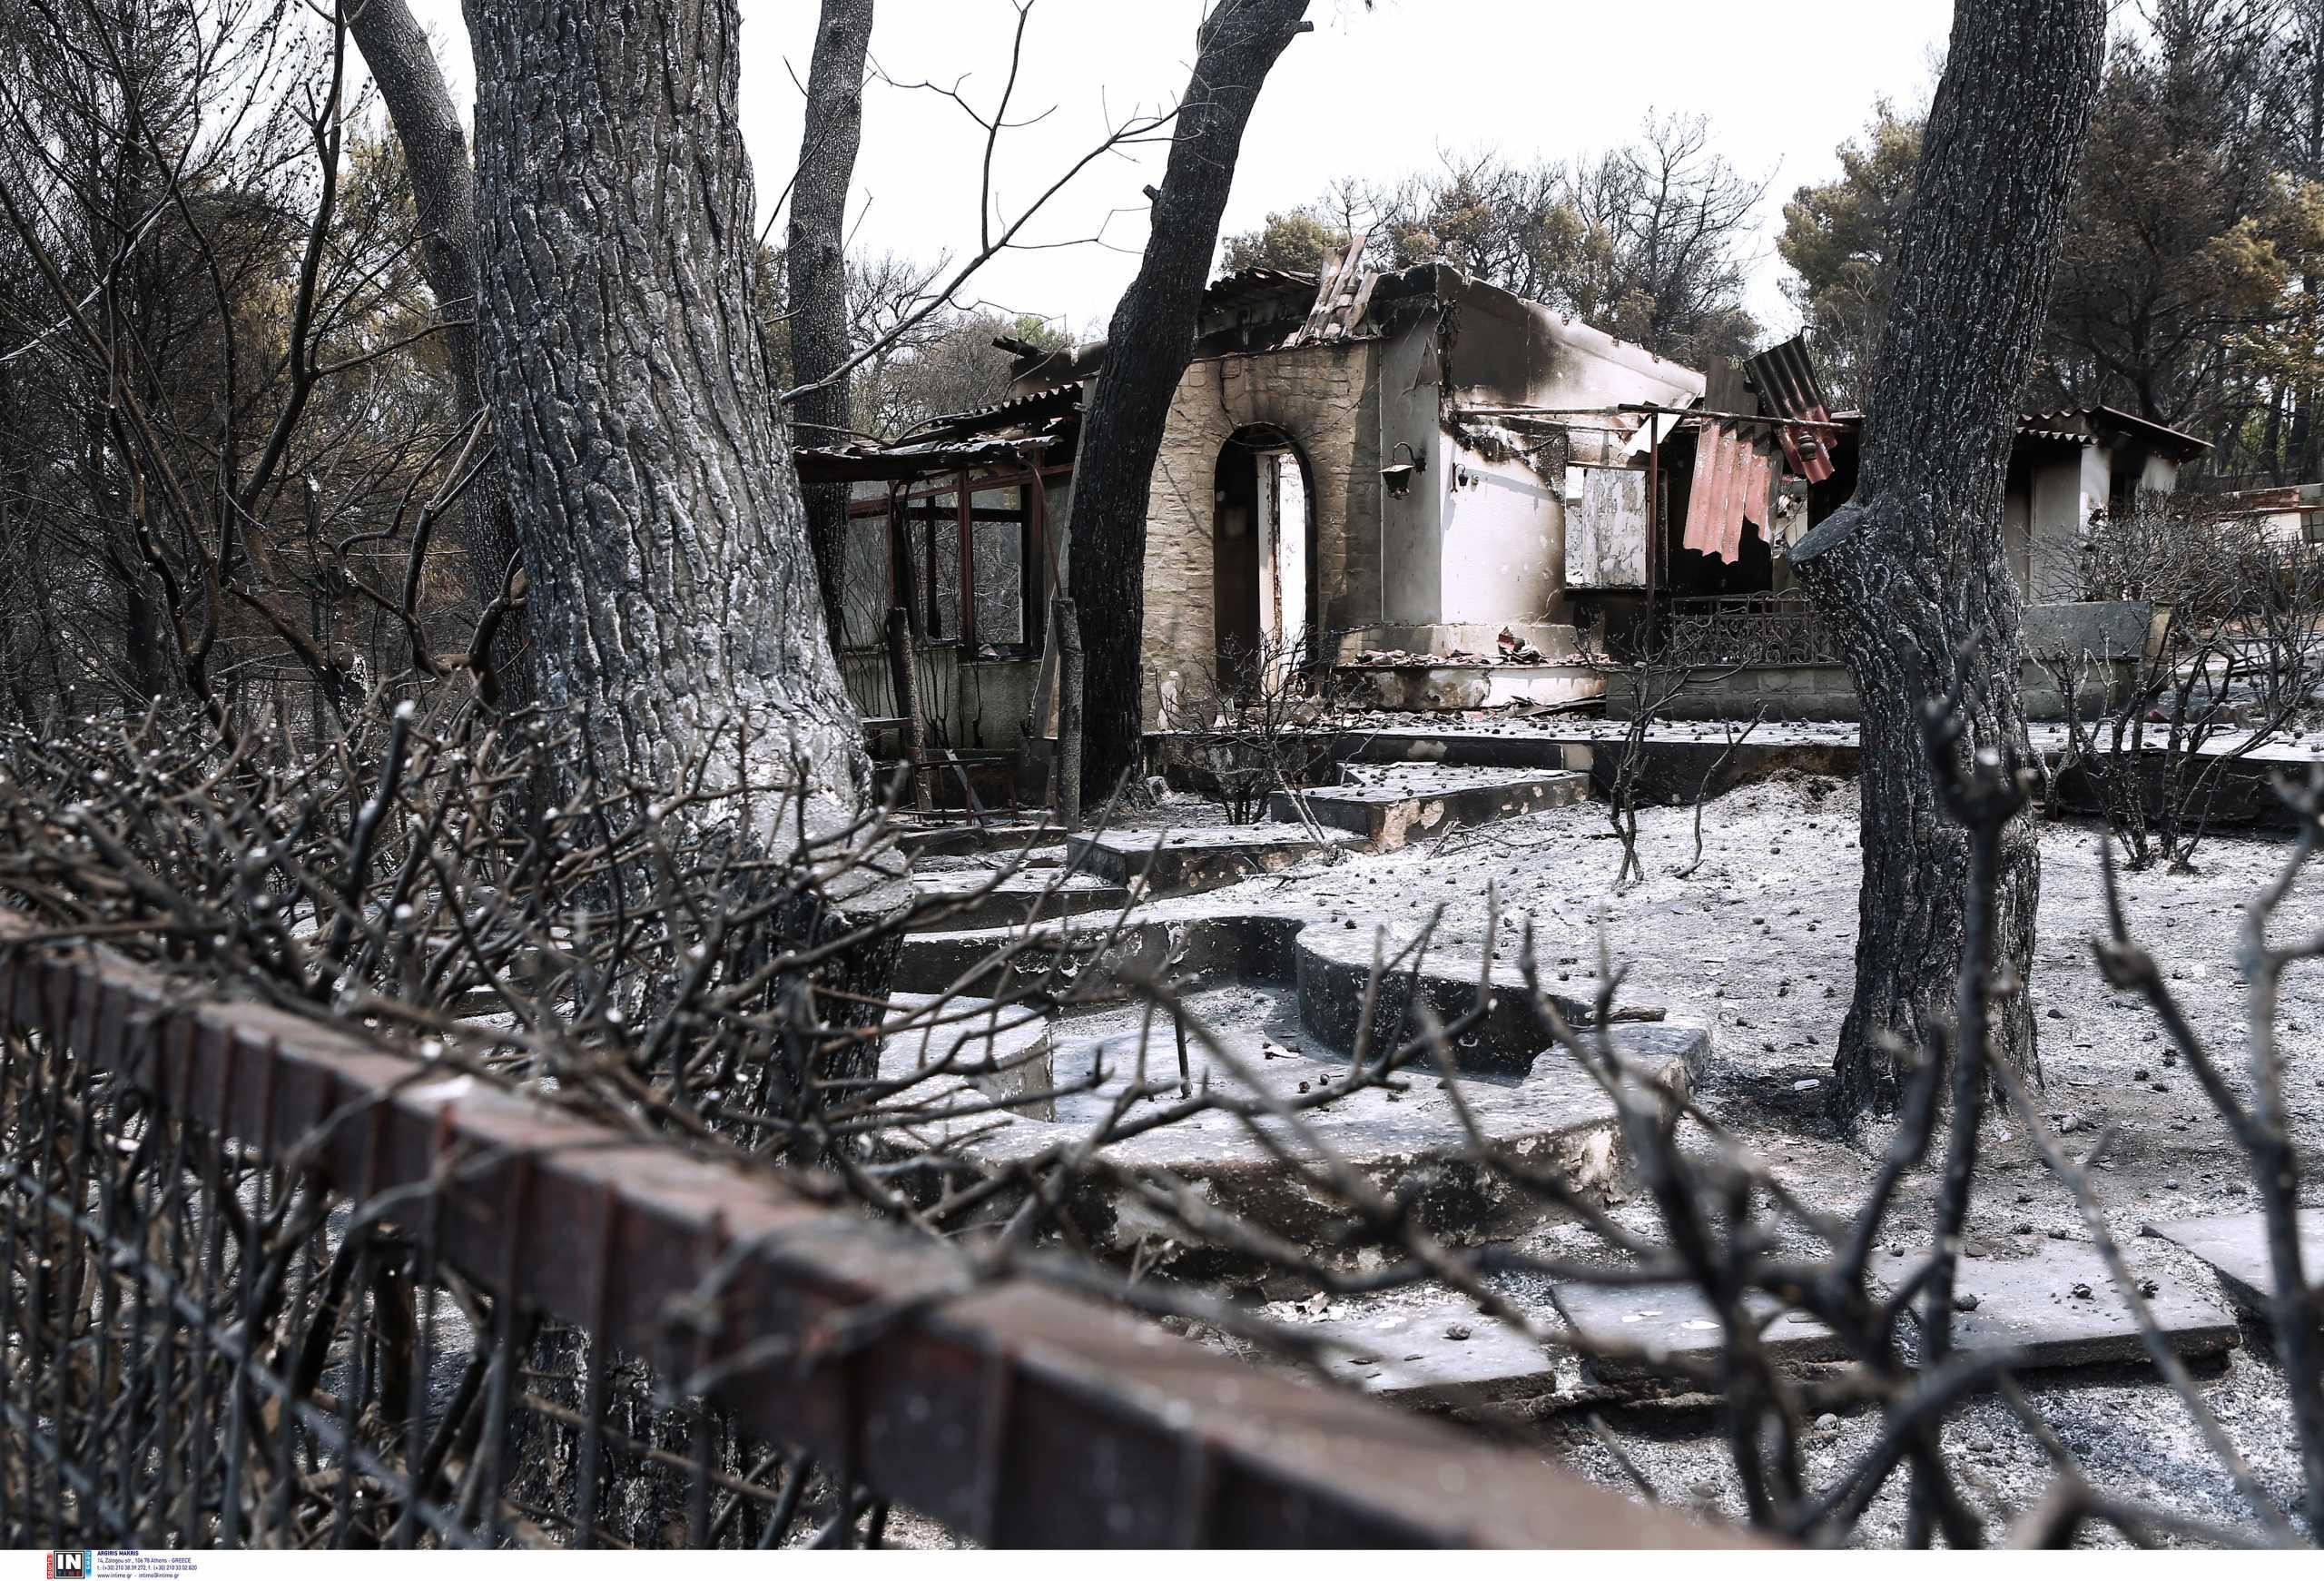 Φωτιά στη Βαρυμπόμπη: Σε κατάσταση έκτακτης ανάγκης κηρύχθηκε ο Δήμος Αχαρνών